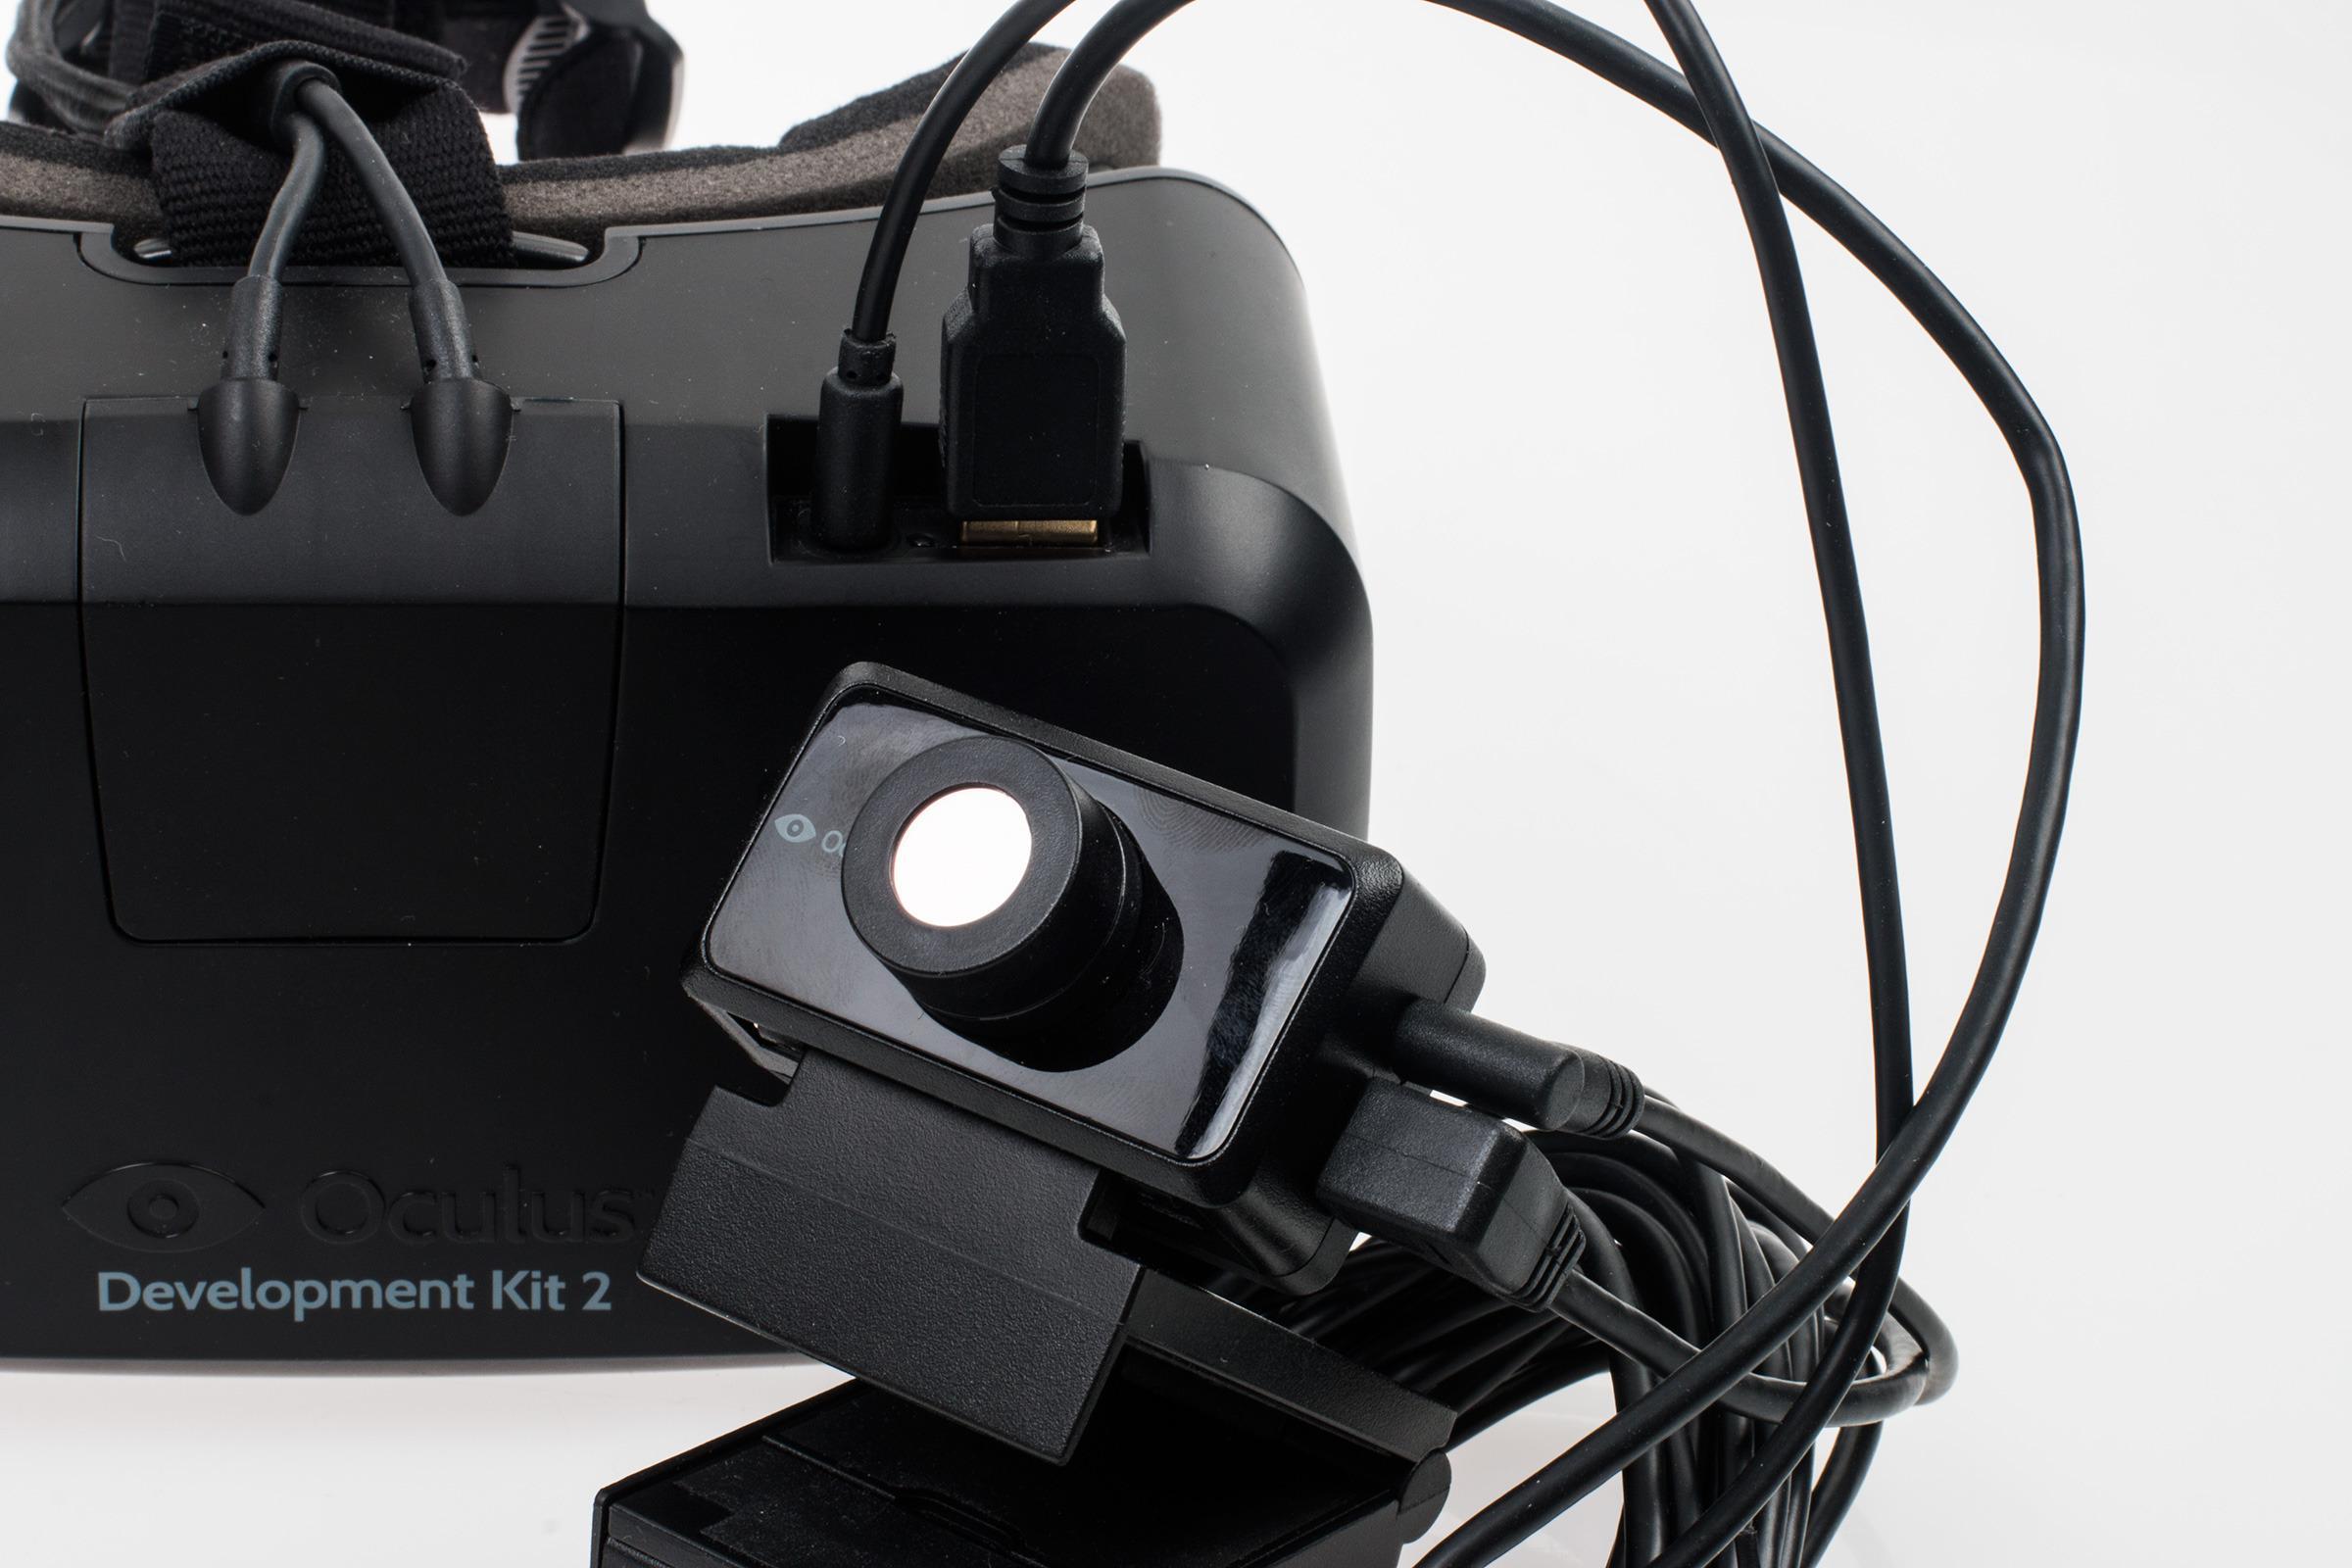 Med dette lille kameraet spores hodebevegelsene dine i Rift-verdenen. Det hjelper litt, men fjerner ikke problemet helt.Foto: Varg Aamo, Tek.no